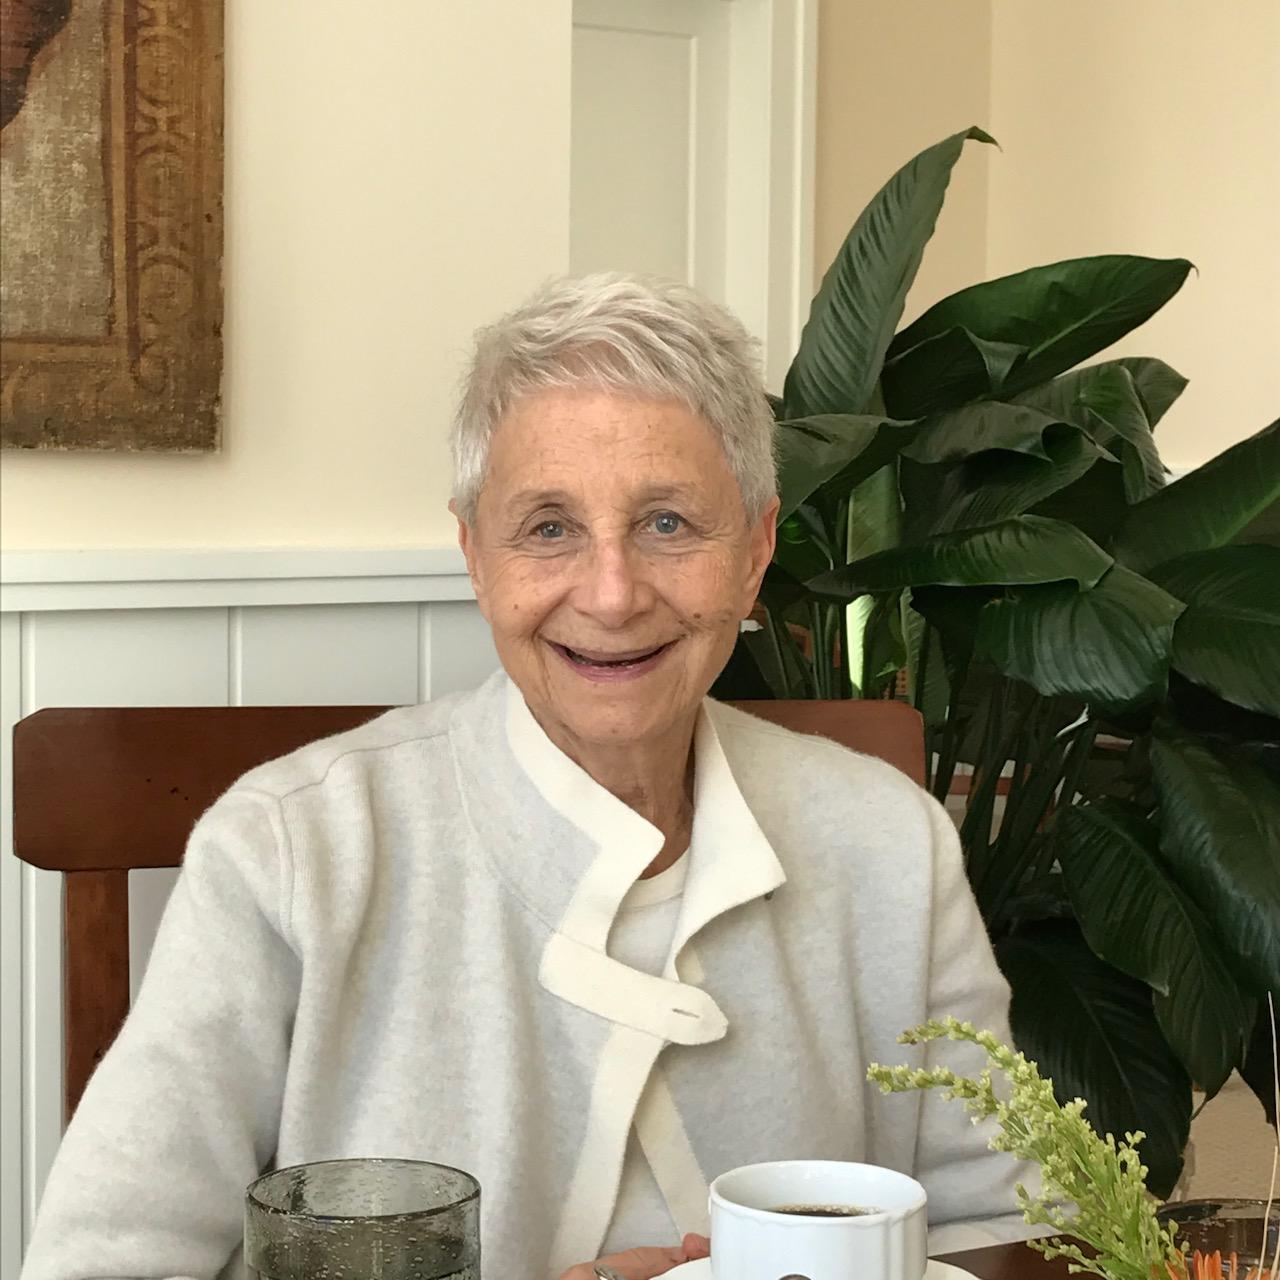 Zion's donor, Gail Elden